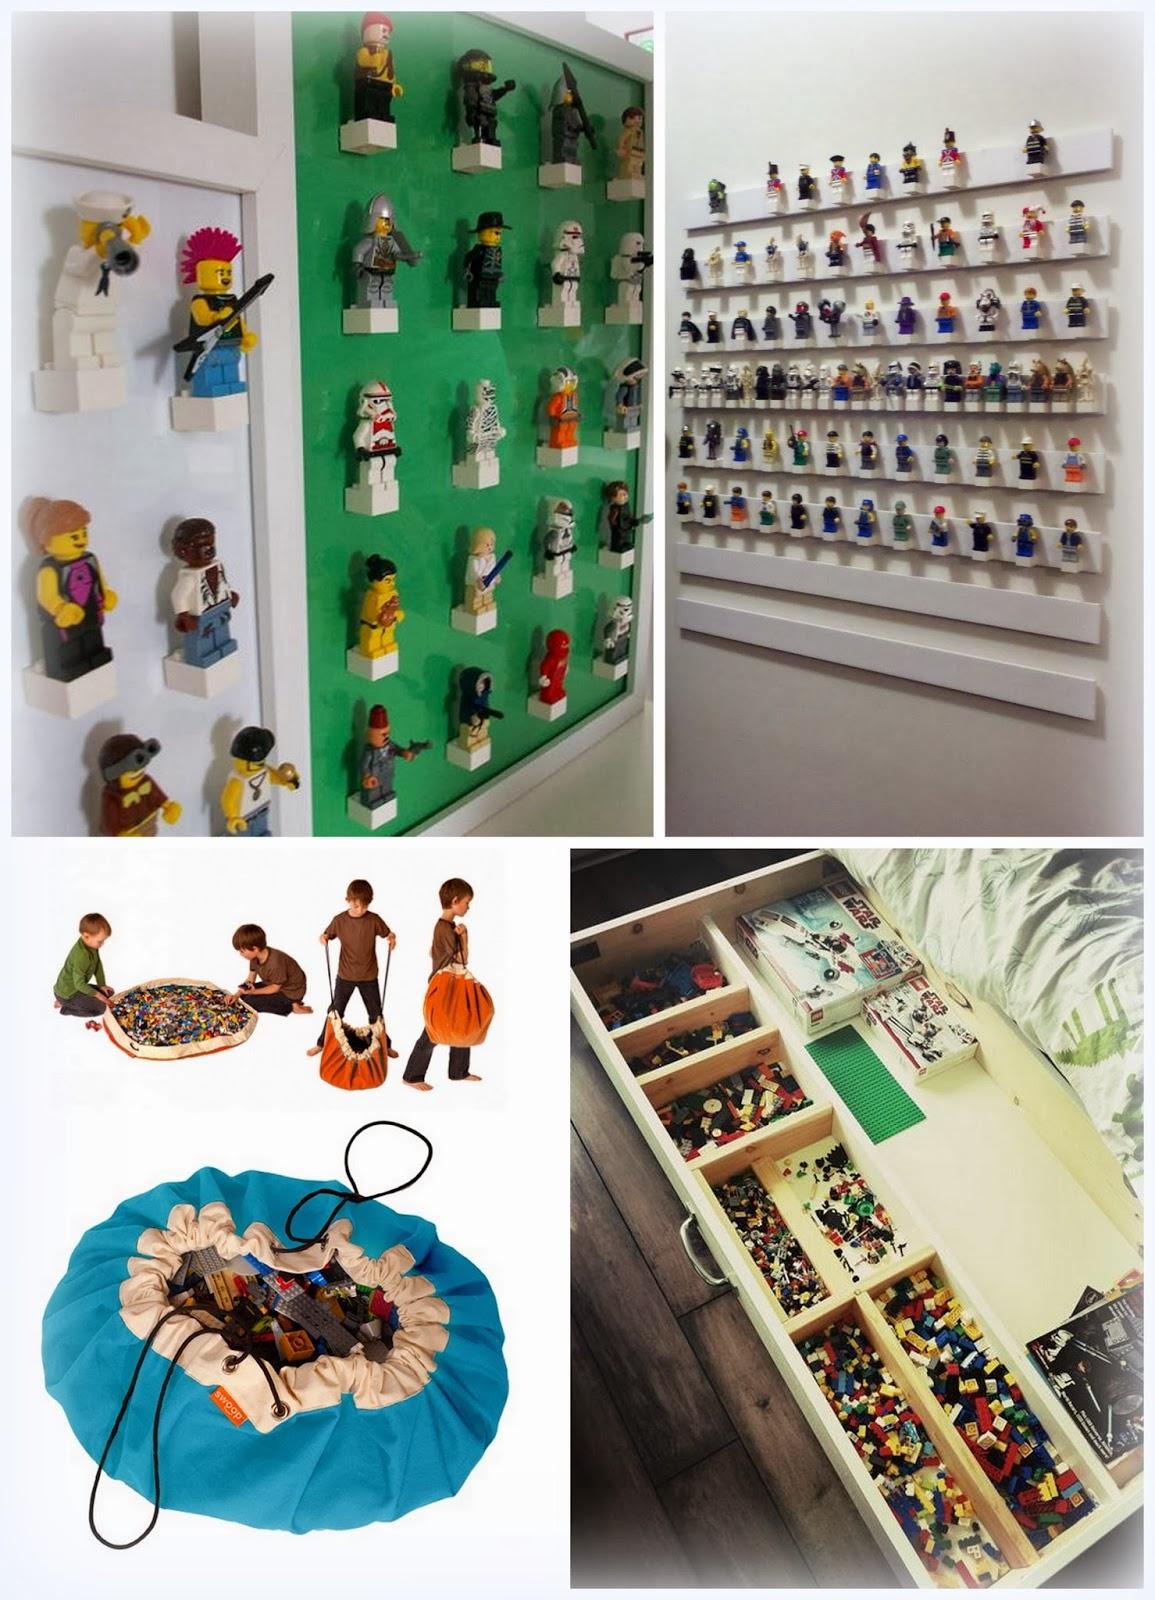 DICAS DE ORGANIZAÇÃO DE LEGO MAE BACANA